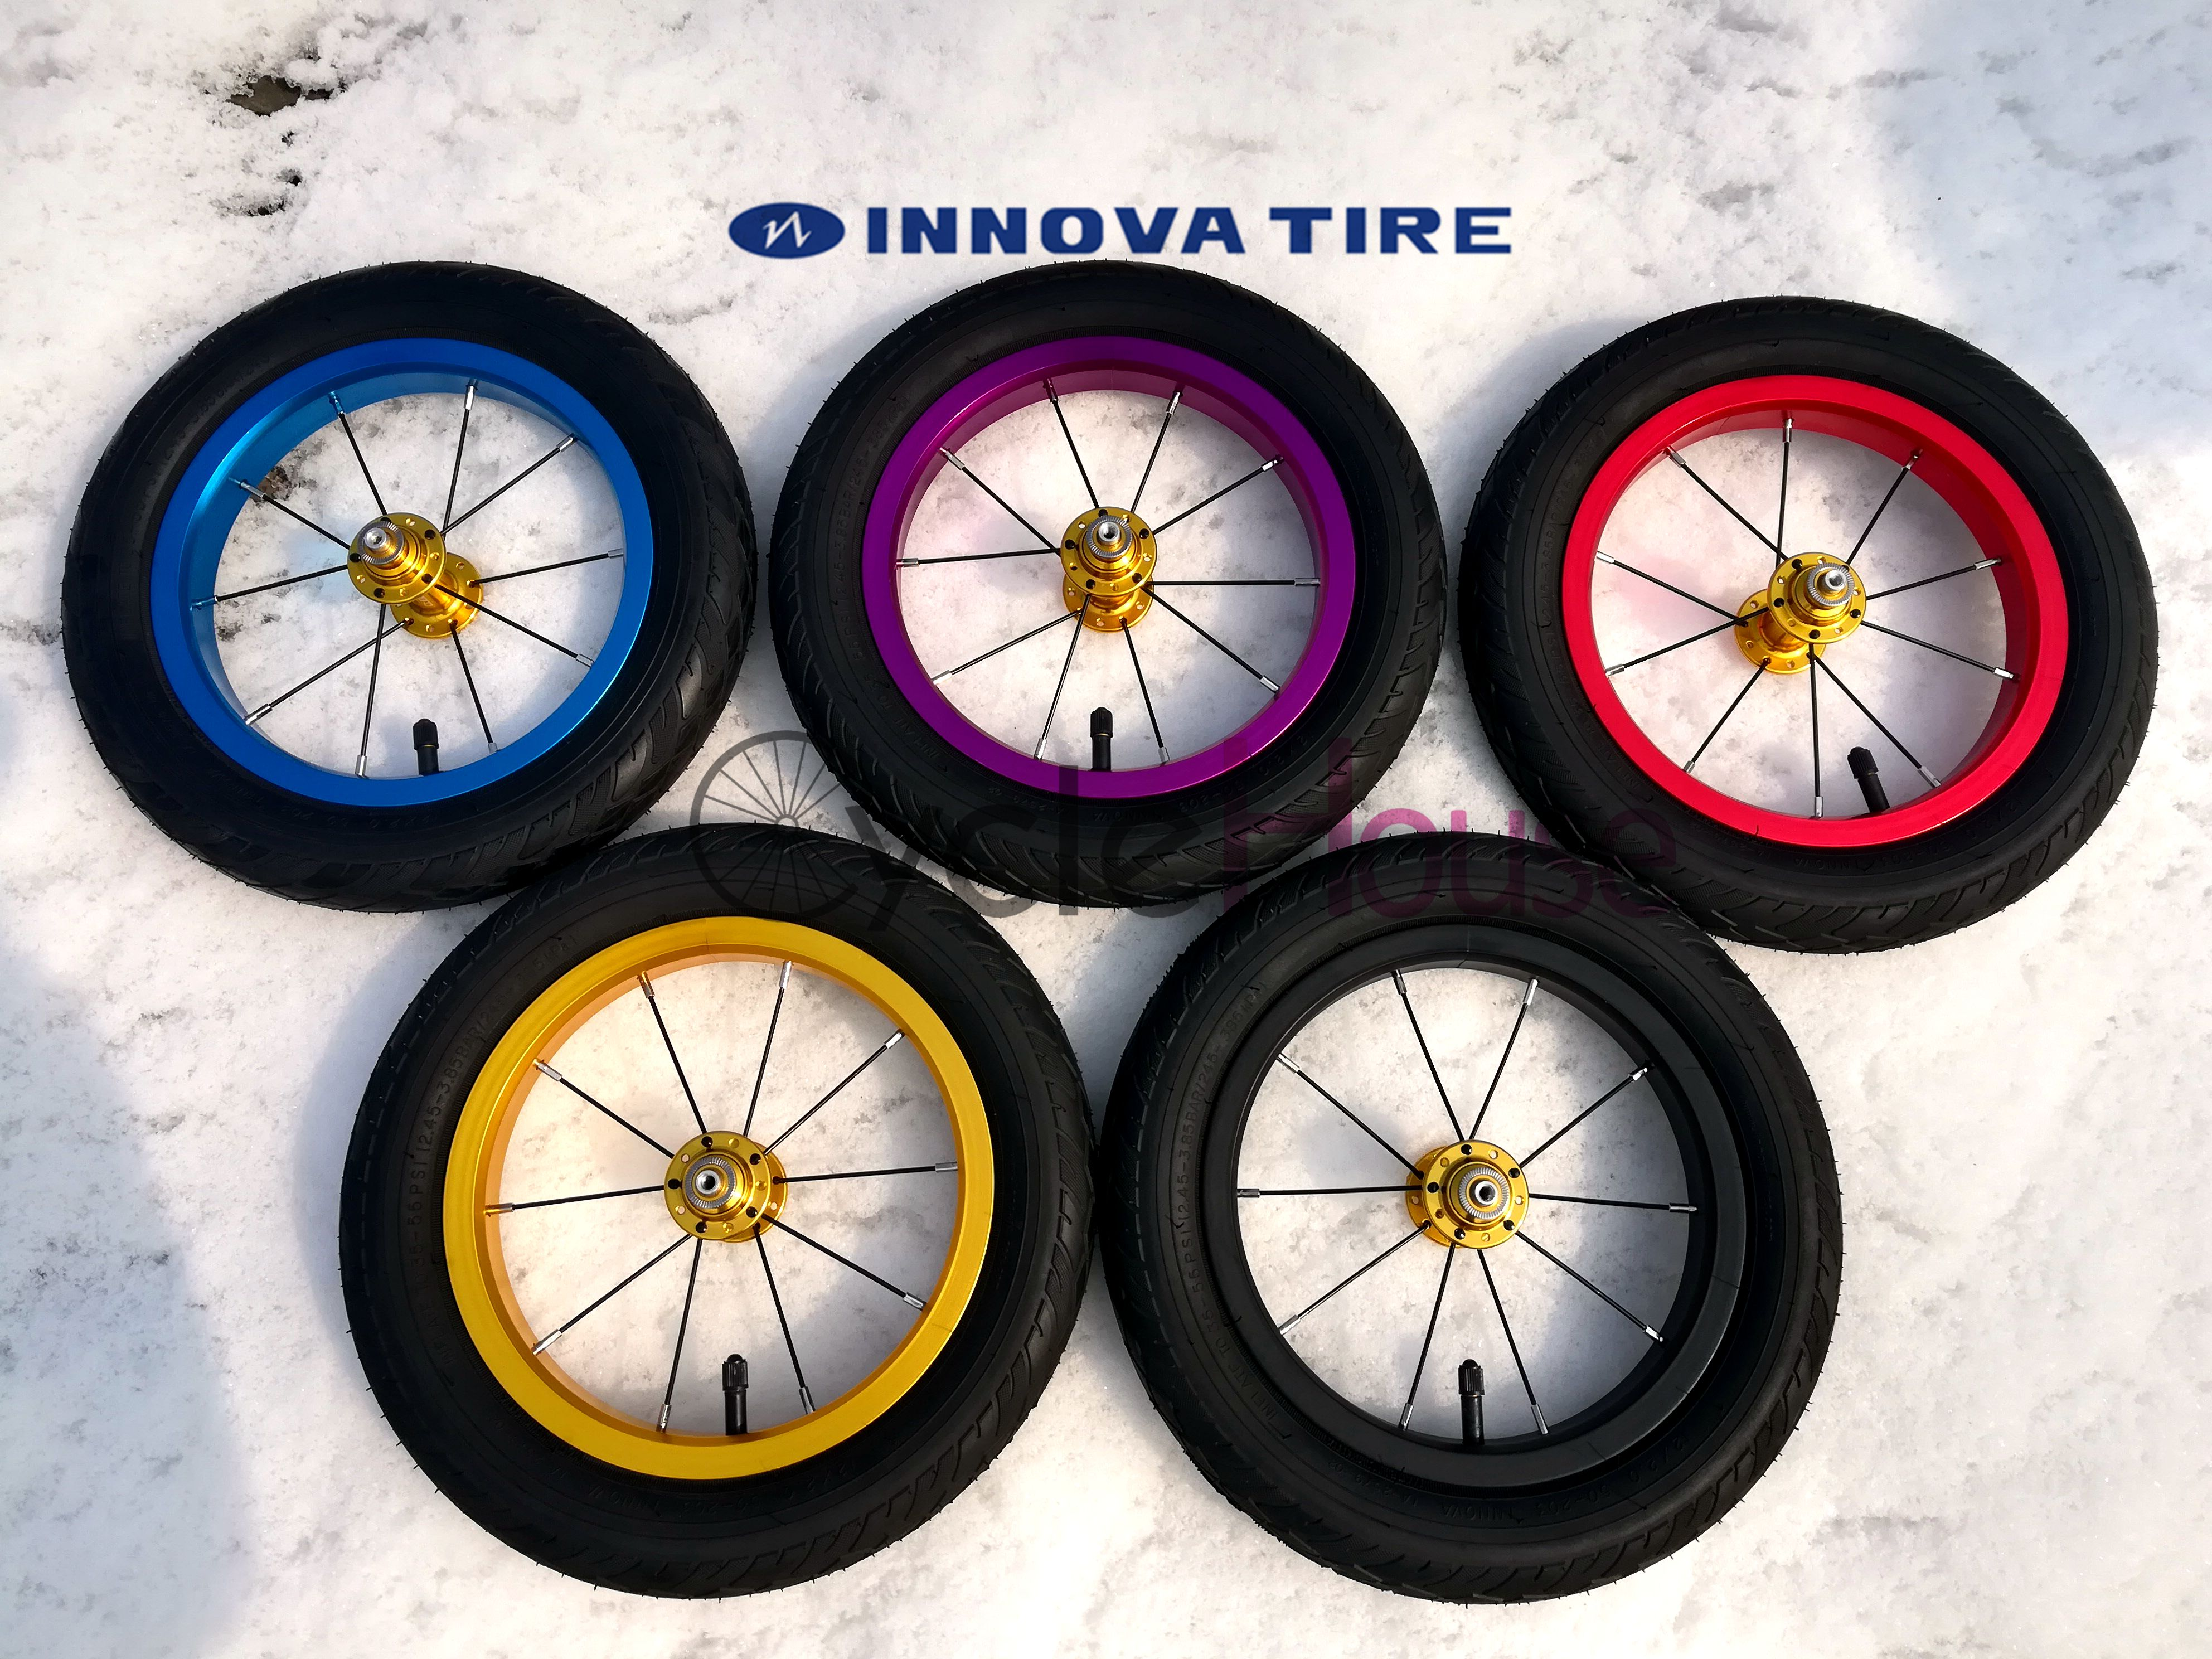 Strider KOKUA BIXBI P баланс автомобиль 12 дюймовый колесо скольжение автомобиль сверхлегкий ремонт